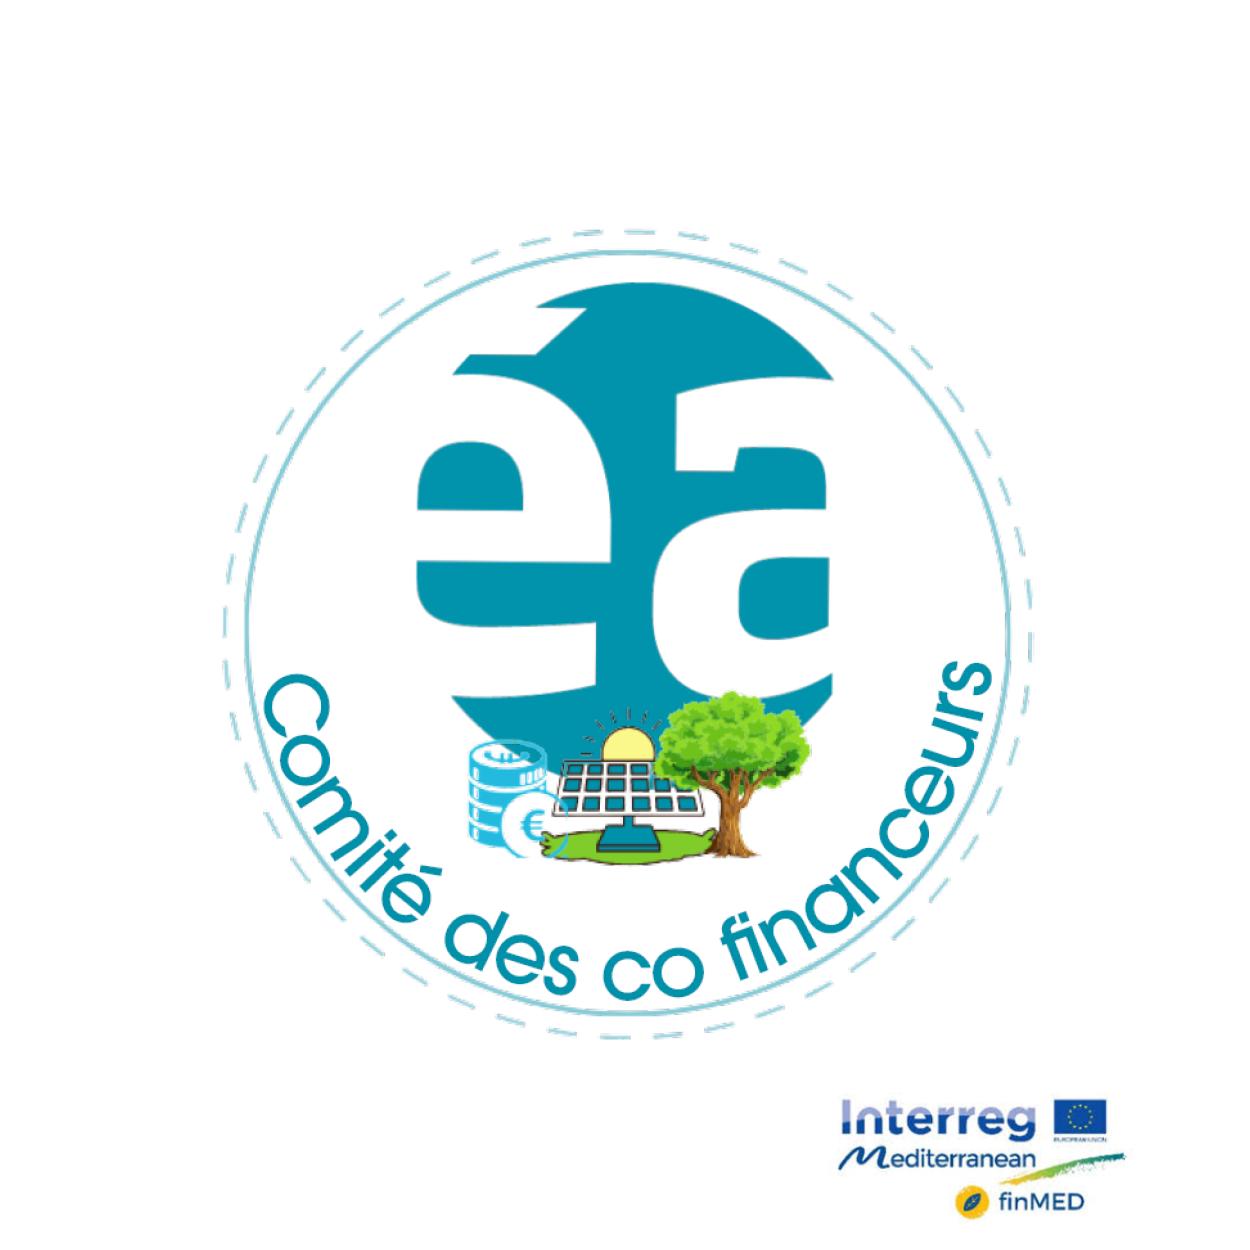 Éa éco-entreprises lance son comité des cofinanceurs pour soutenir la relance économique des cleantech